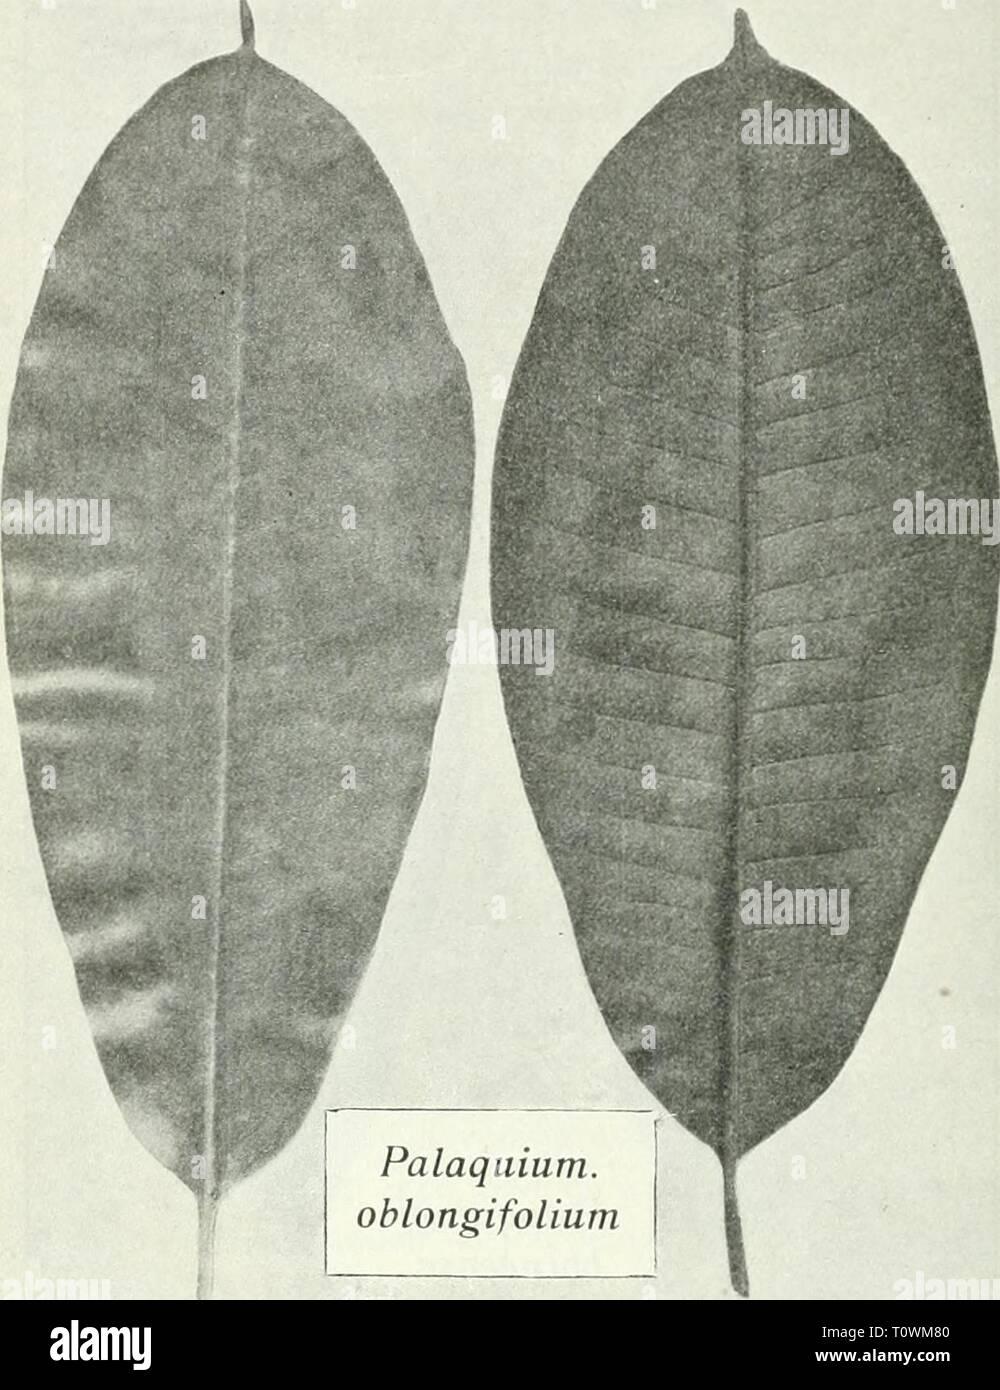 Dr KW van Gorkom's Oost-Indische Dr. K.W. van Gorkom's Oost-Indische cultures. Opnieuw uitg. onder redactie van H.C. Prinsen Geerligs. [Door J.P. van der Stock et al.]  drkwvangorkomsoo03gorkuoft Year: 1917  848 plaats van zaden kan men ook jonge planten uit de bosschen van Borneo en Sumatra gebruiken, die in den vorm van stumps lange reizen kunnen    Fig. 255- maken, echter na het uitplanten zeer veel zorg' vereischen. Liefst in het begin van den regentijd worden de jonge planten - Stock Image